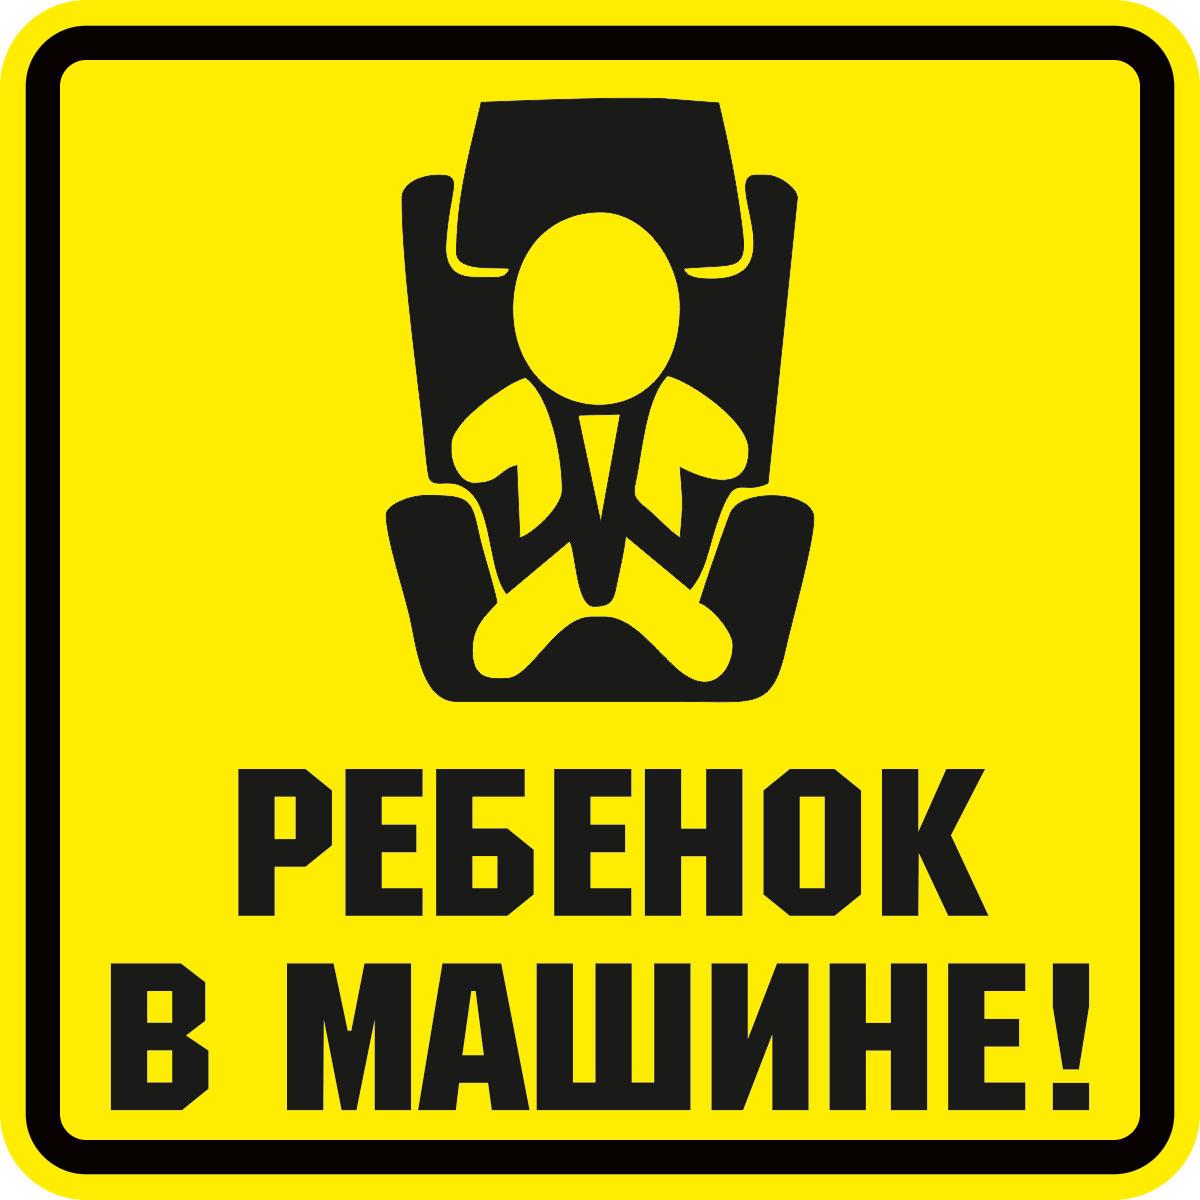 Наклейка автомобильная Оранжевый слоник Ребенок в машине!, виниловая. 150AZ004YBВетерок 2ГФОригинальная наклейка Оранжевый слоник Ребенок в машине! изготовлена из высококачественной виниловой пленки, которая выполняет не только декоративную функцию, но и защищает кузов автомобиля от небольших механических повреждений, либо скрывает уже существующие.Виниловые наклейки на автомобиль - это не только красиво, но еще и быстро! Всего за несколько минут вы можете полностью преобразить свой автомобиль, сделать его ярким, необычным, особенным и неповторимым!